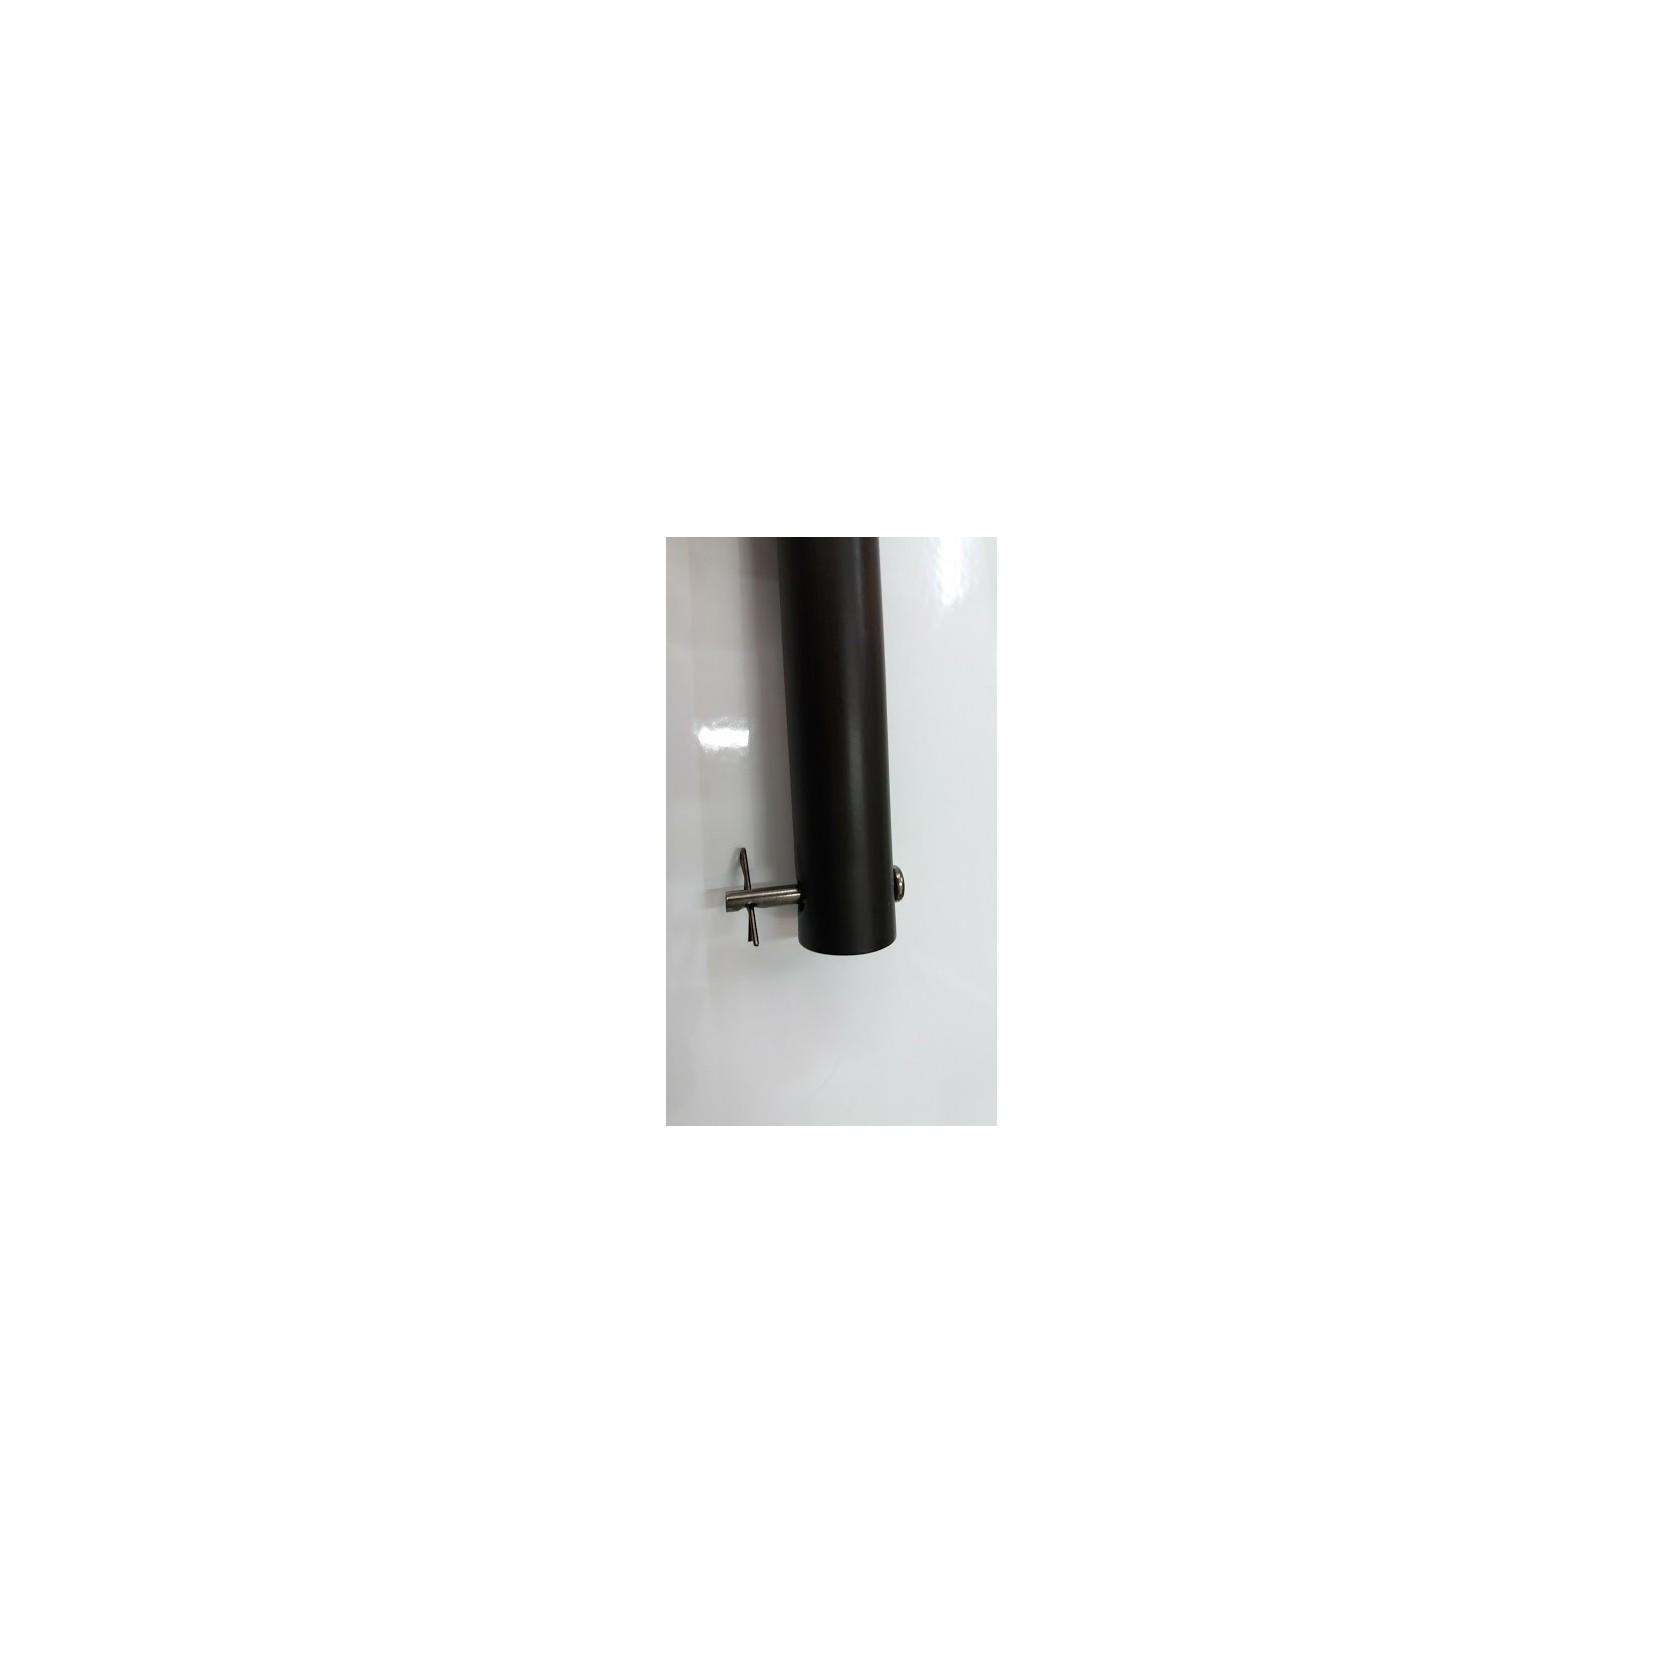 Aste di prolungamento per ventilatori da soffitto - Abbassare il soffitto ...